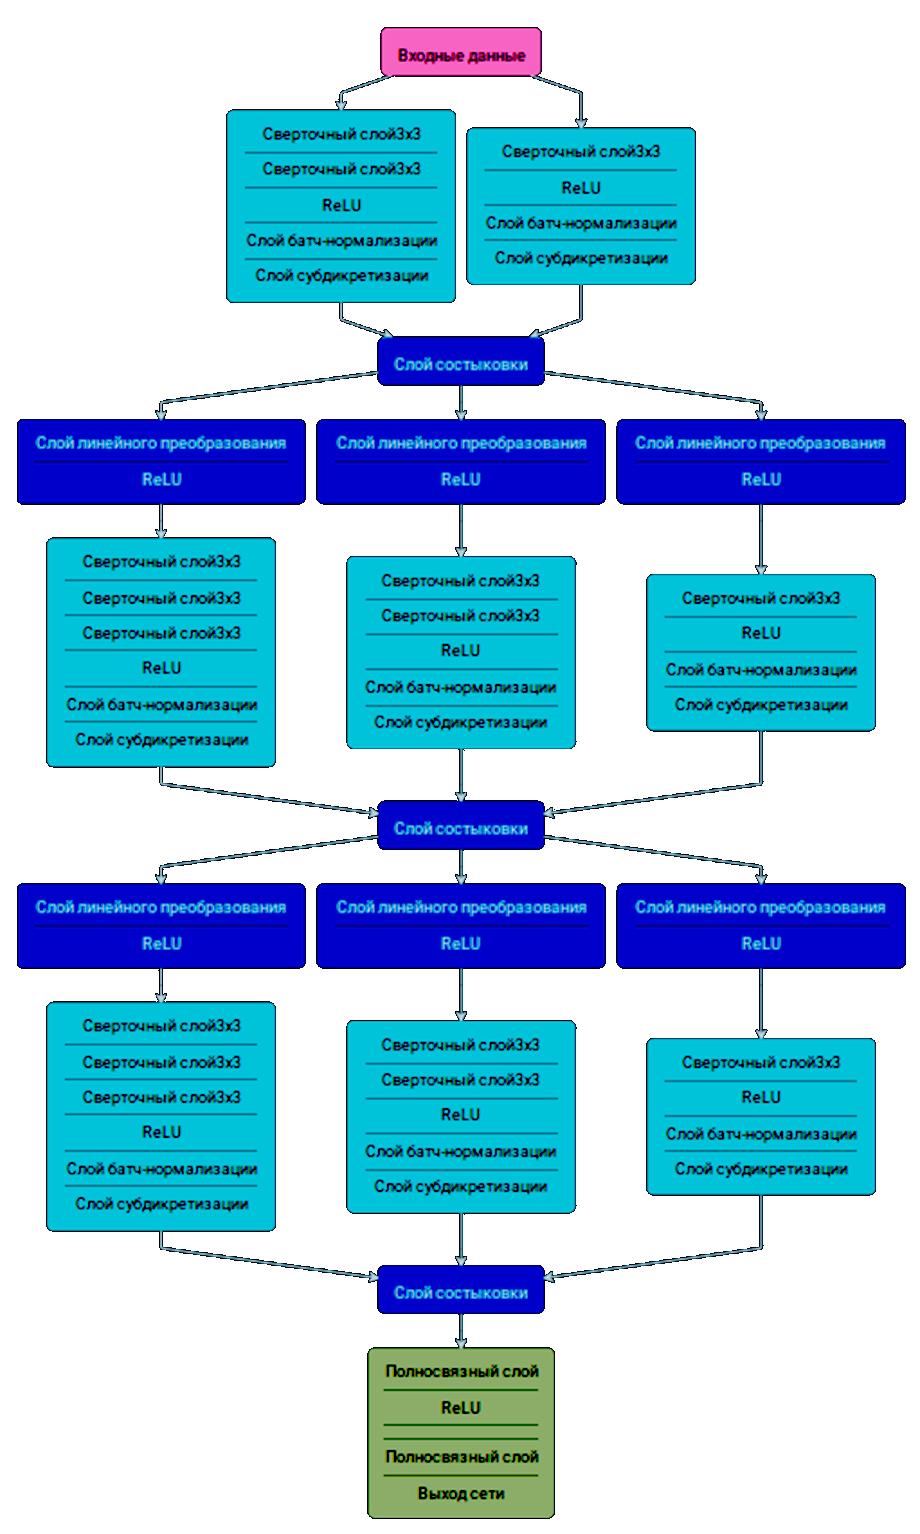 Пример архитектуры свёрточной ИНС